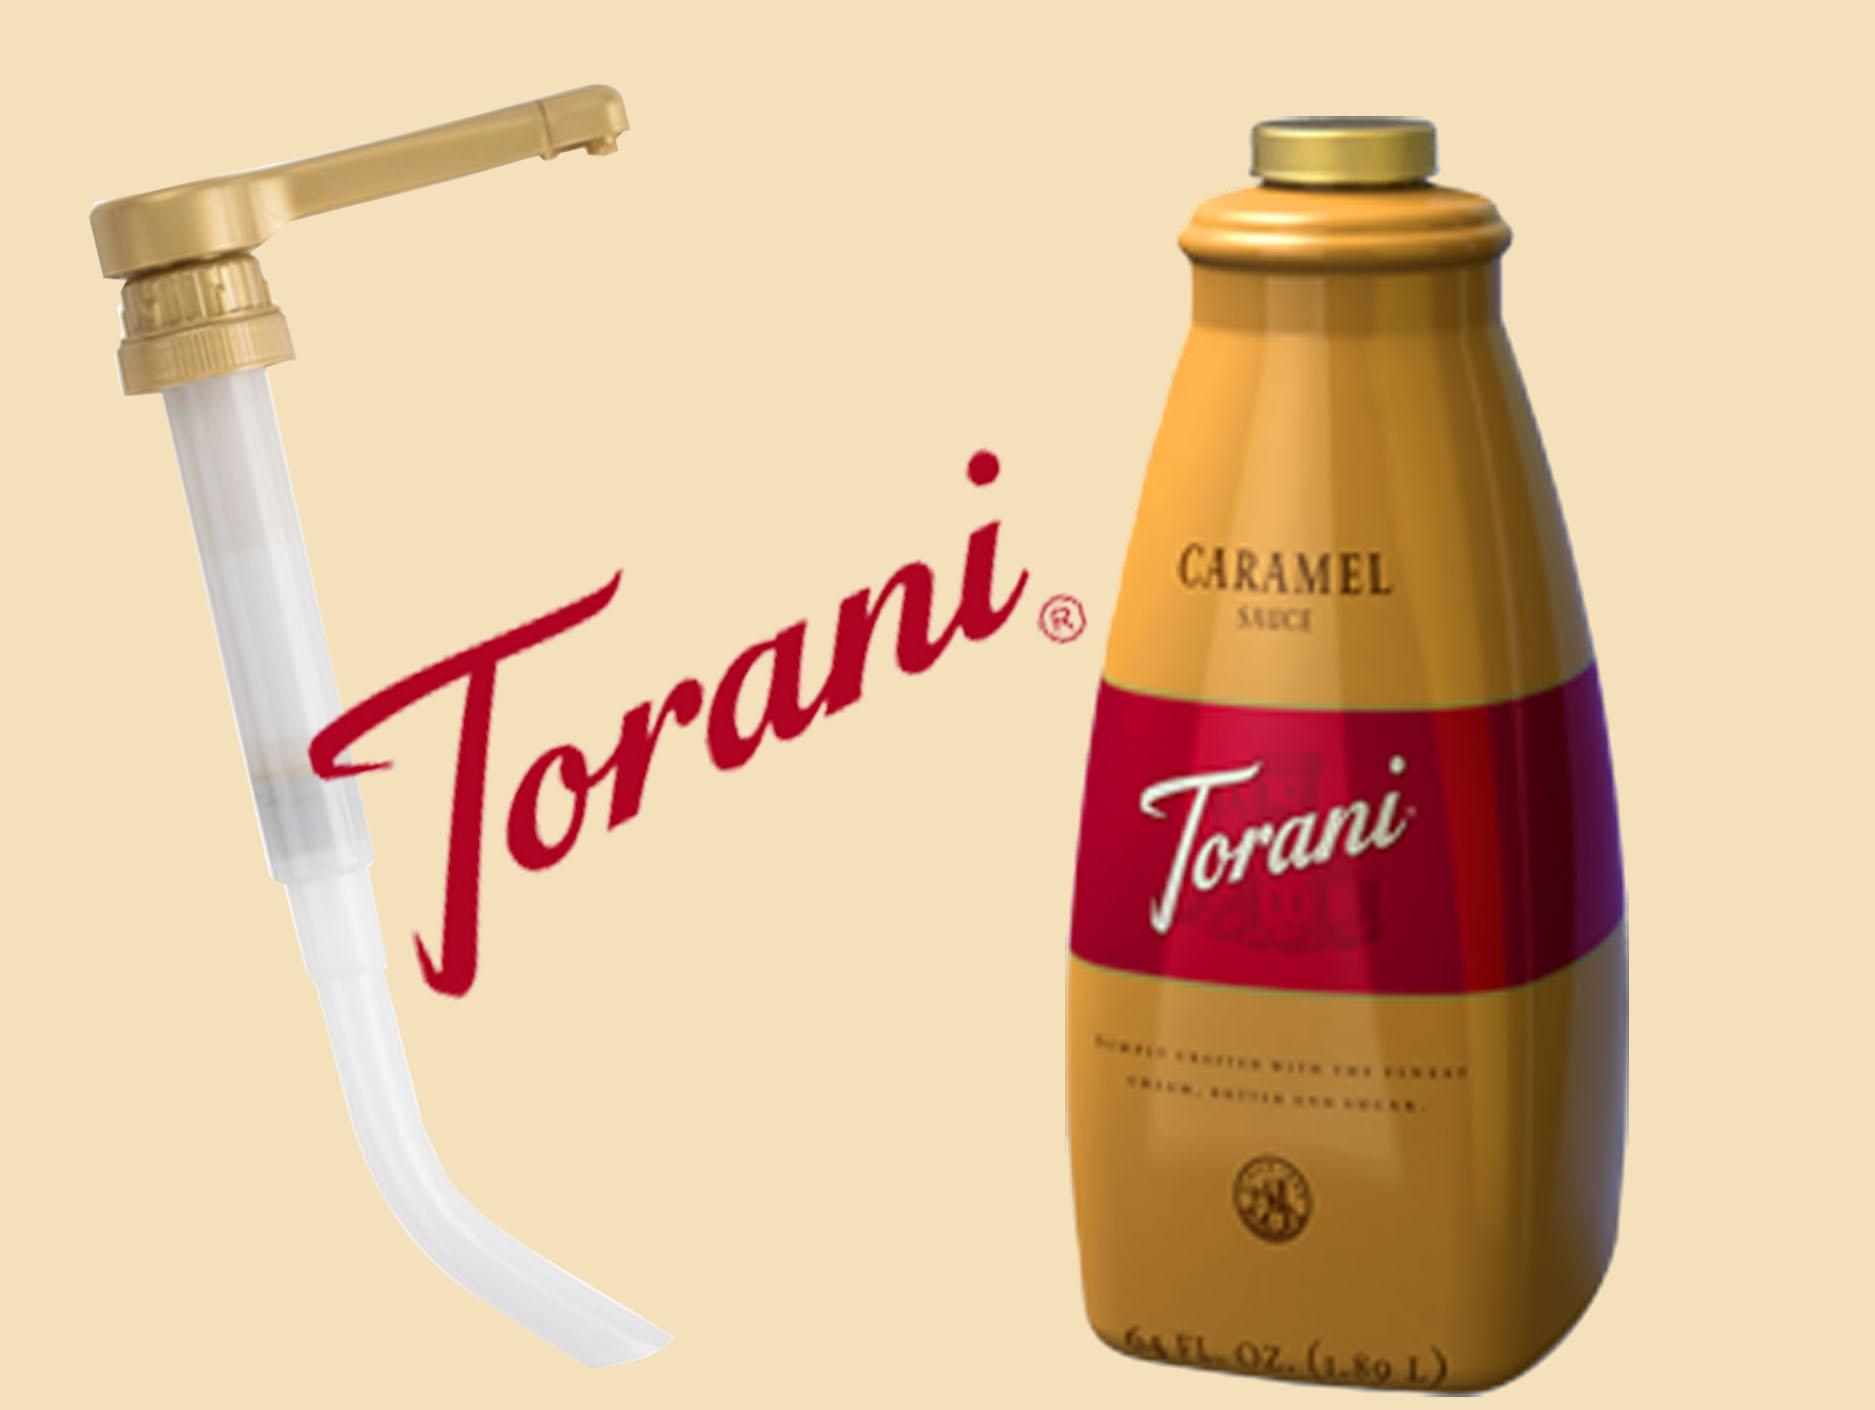 Vòi Bơm Sốt Torani